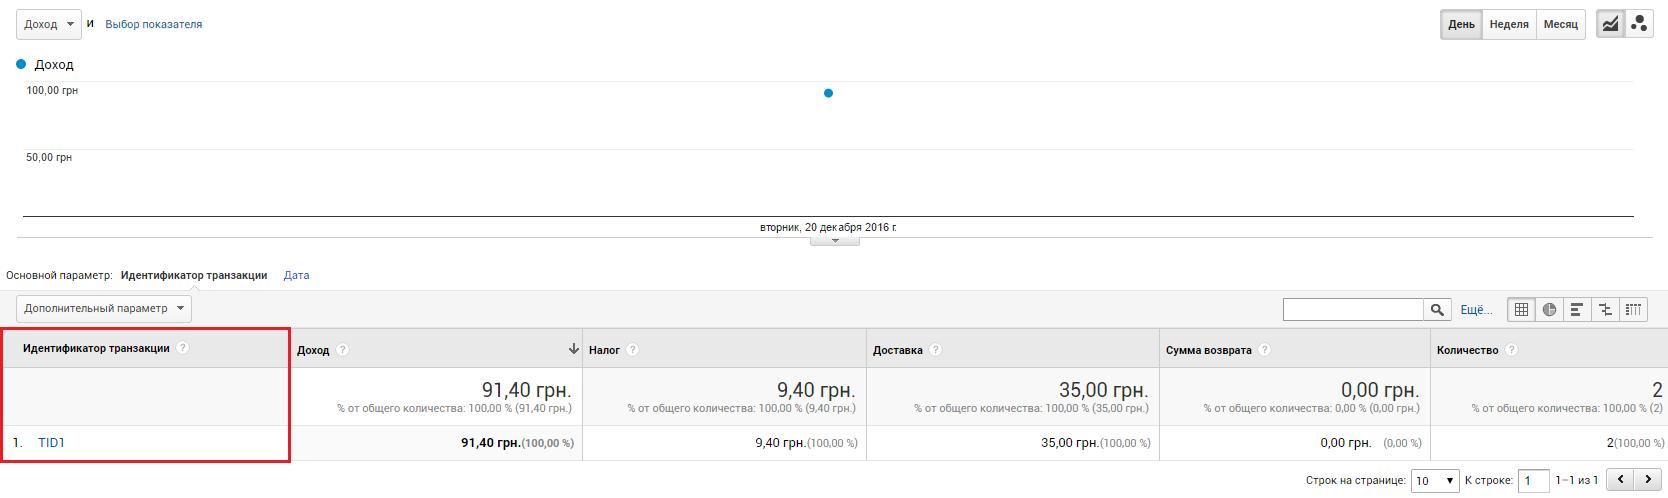 Электронная торговля Google Analytics — отчет «Эффективность продаж»